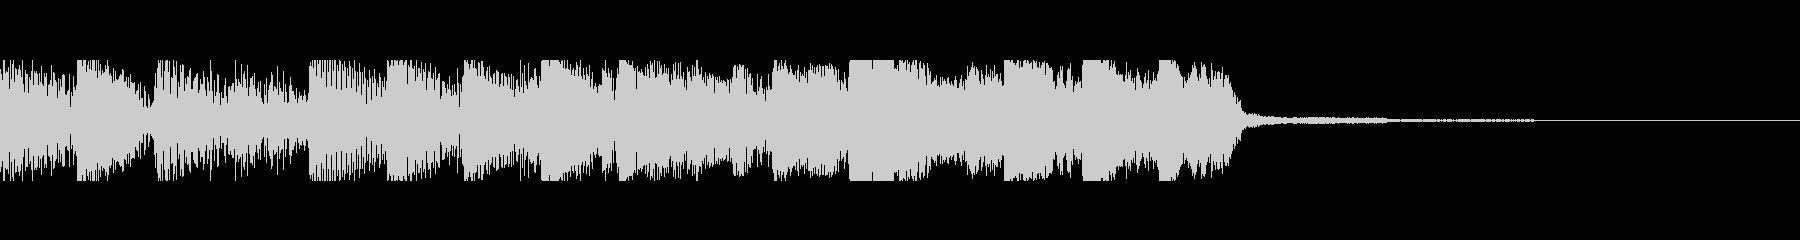 パチンコ的アイテム獲得音07(電子音)の未再生の波形